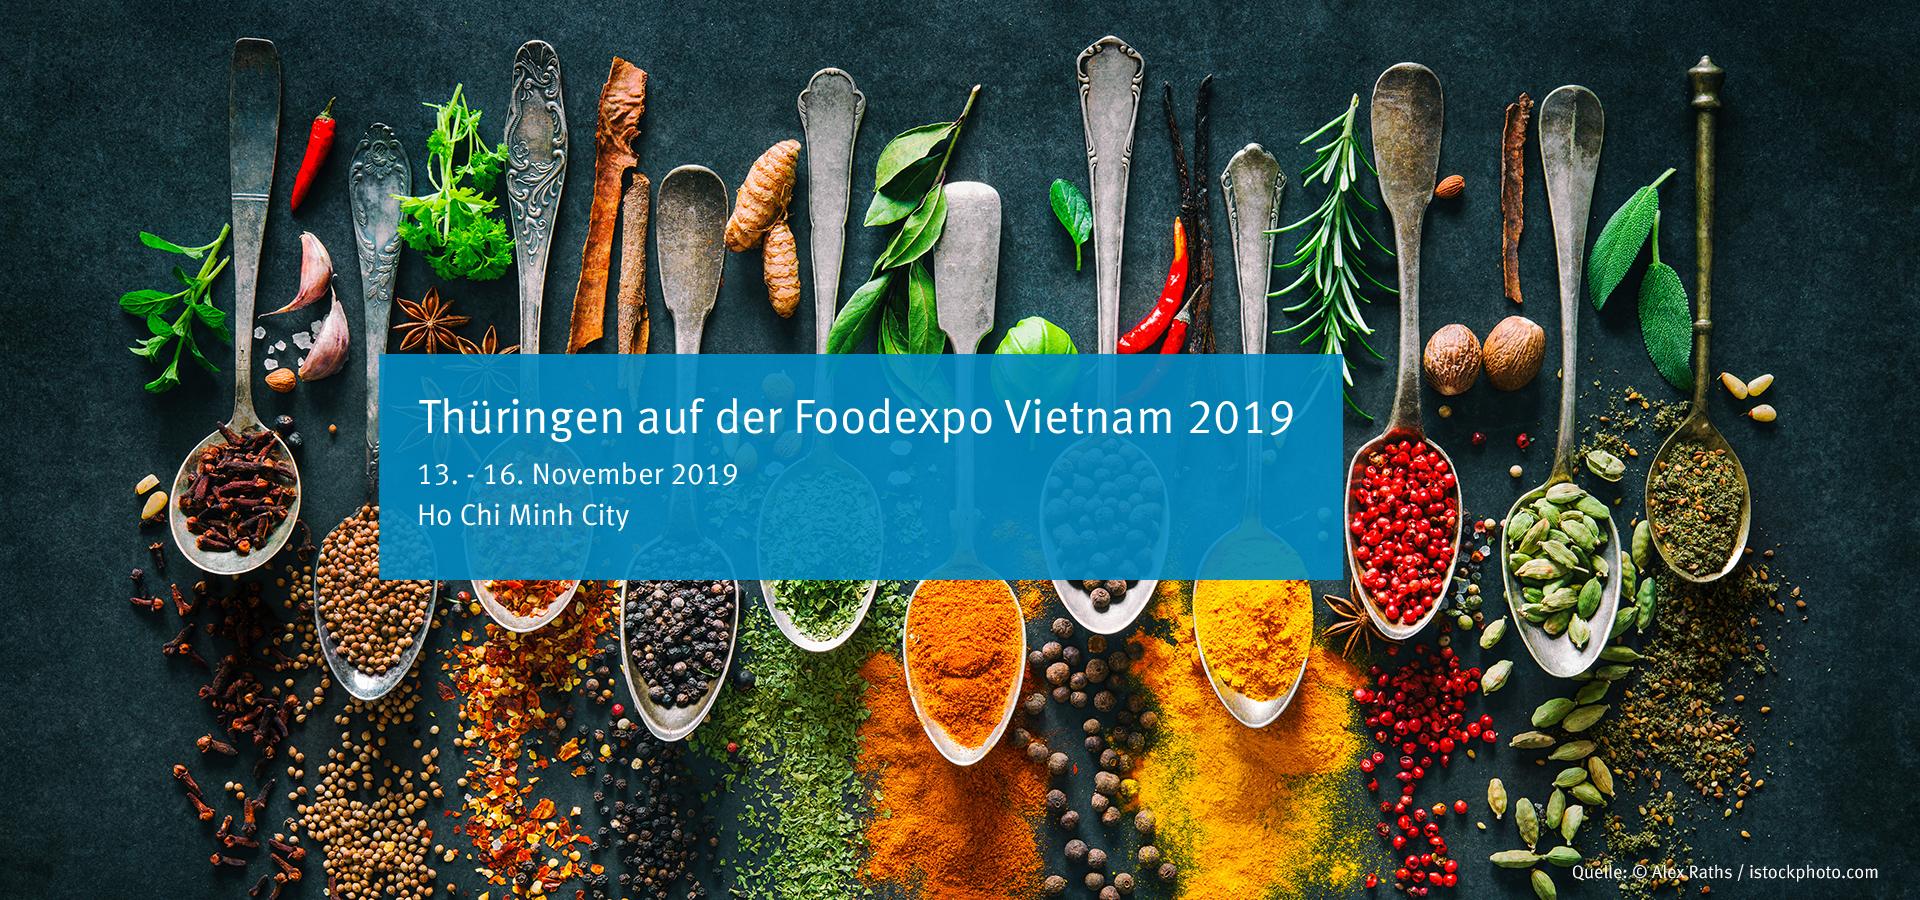 Foodexpo Vietnam 2019 | Thüringen International